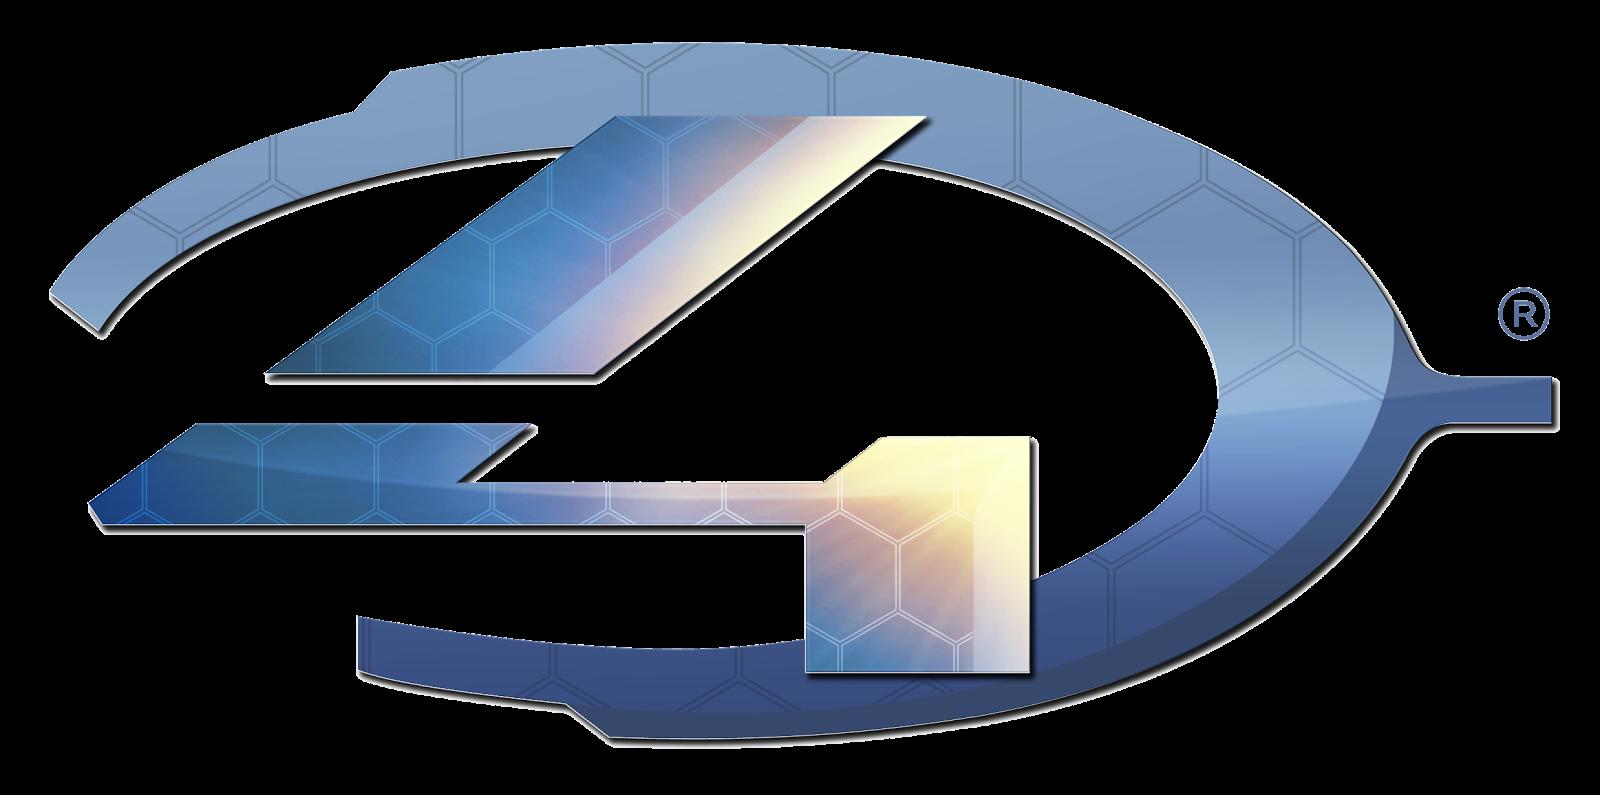 shajees blog logos